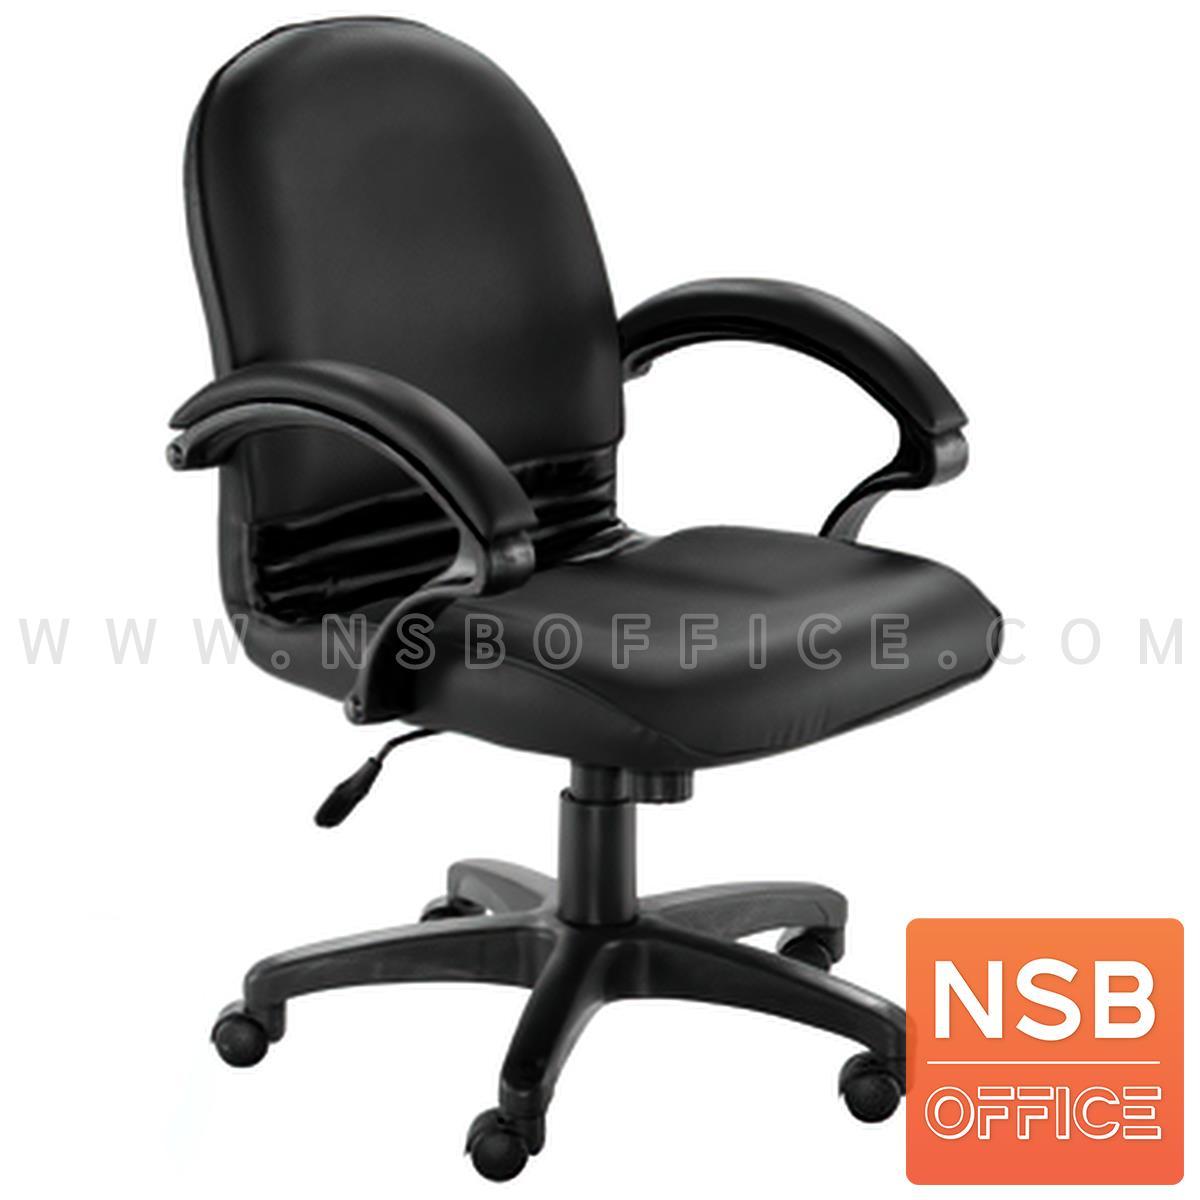 B26A140:เก้าอี้สำนักงาน รุ่น Dragonstorm (ดราก้อนสตอร์ม)  โช๊คแก๊ส ก้อนโยก ขาพลาสติก